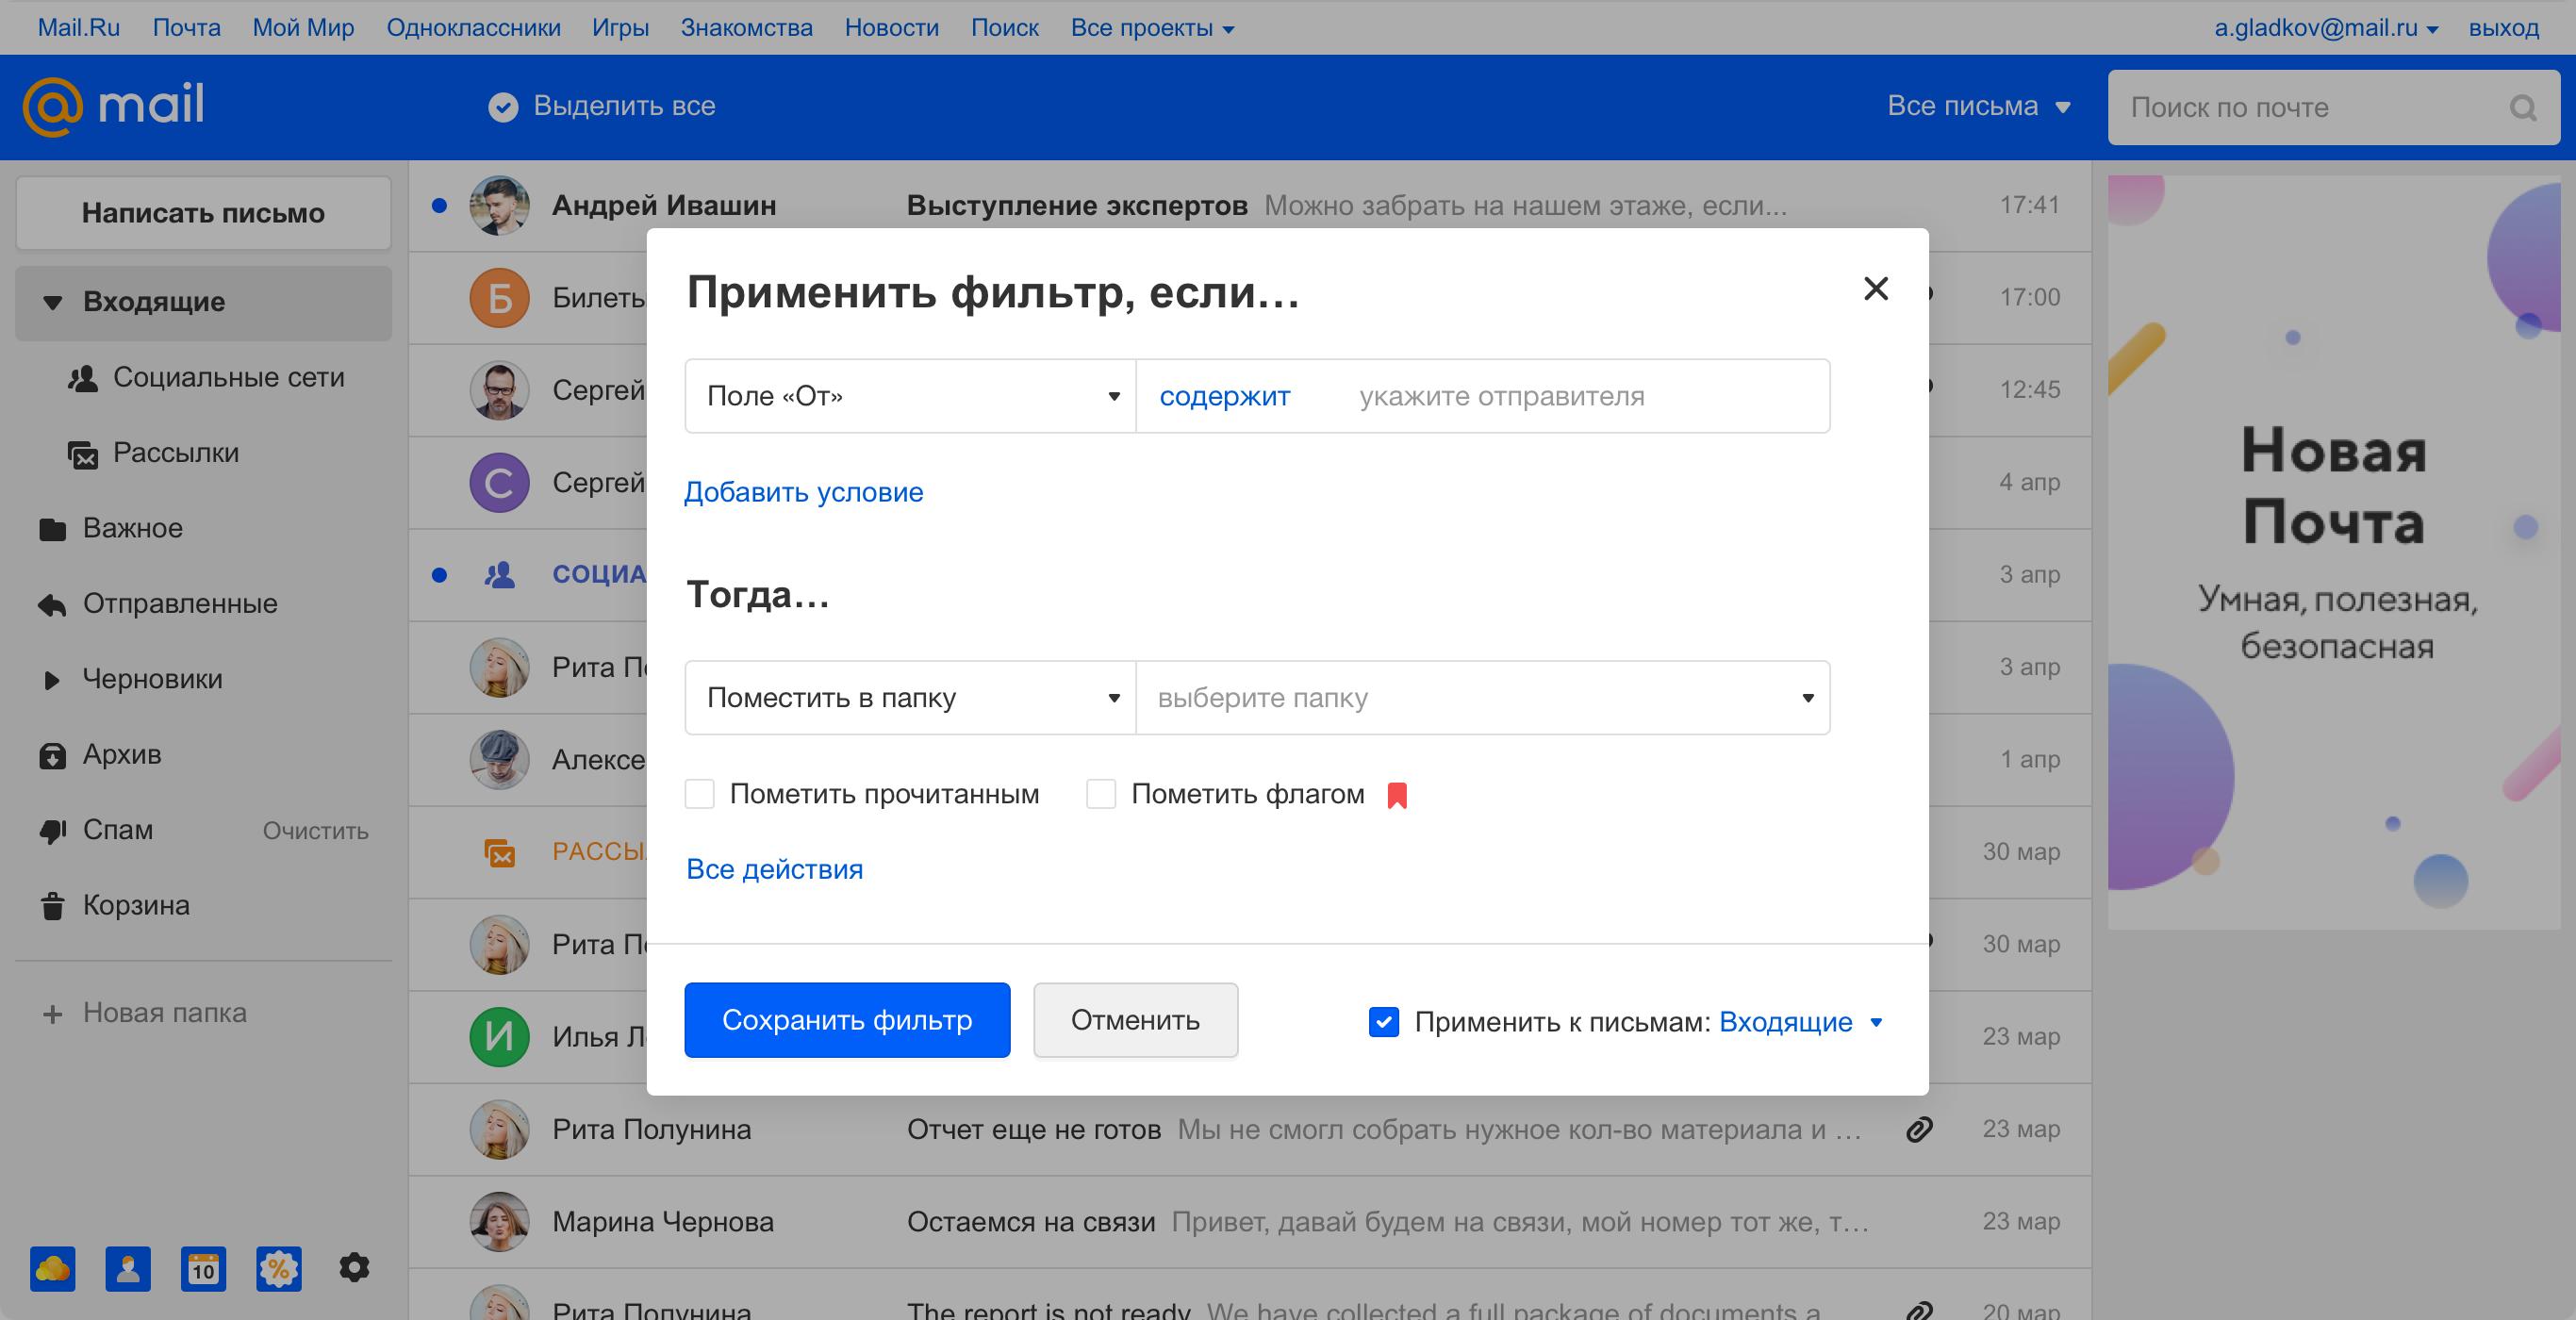 Новая Почта Mail.ru и при чем тут осьминог - 24